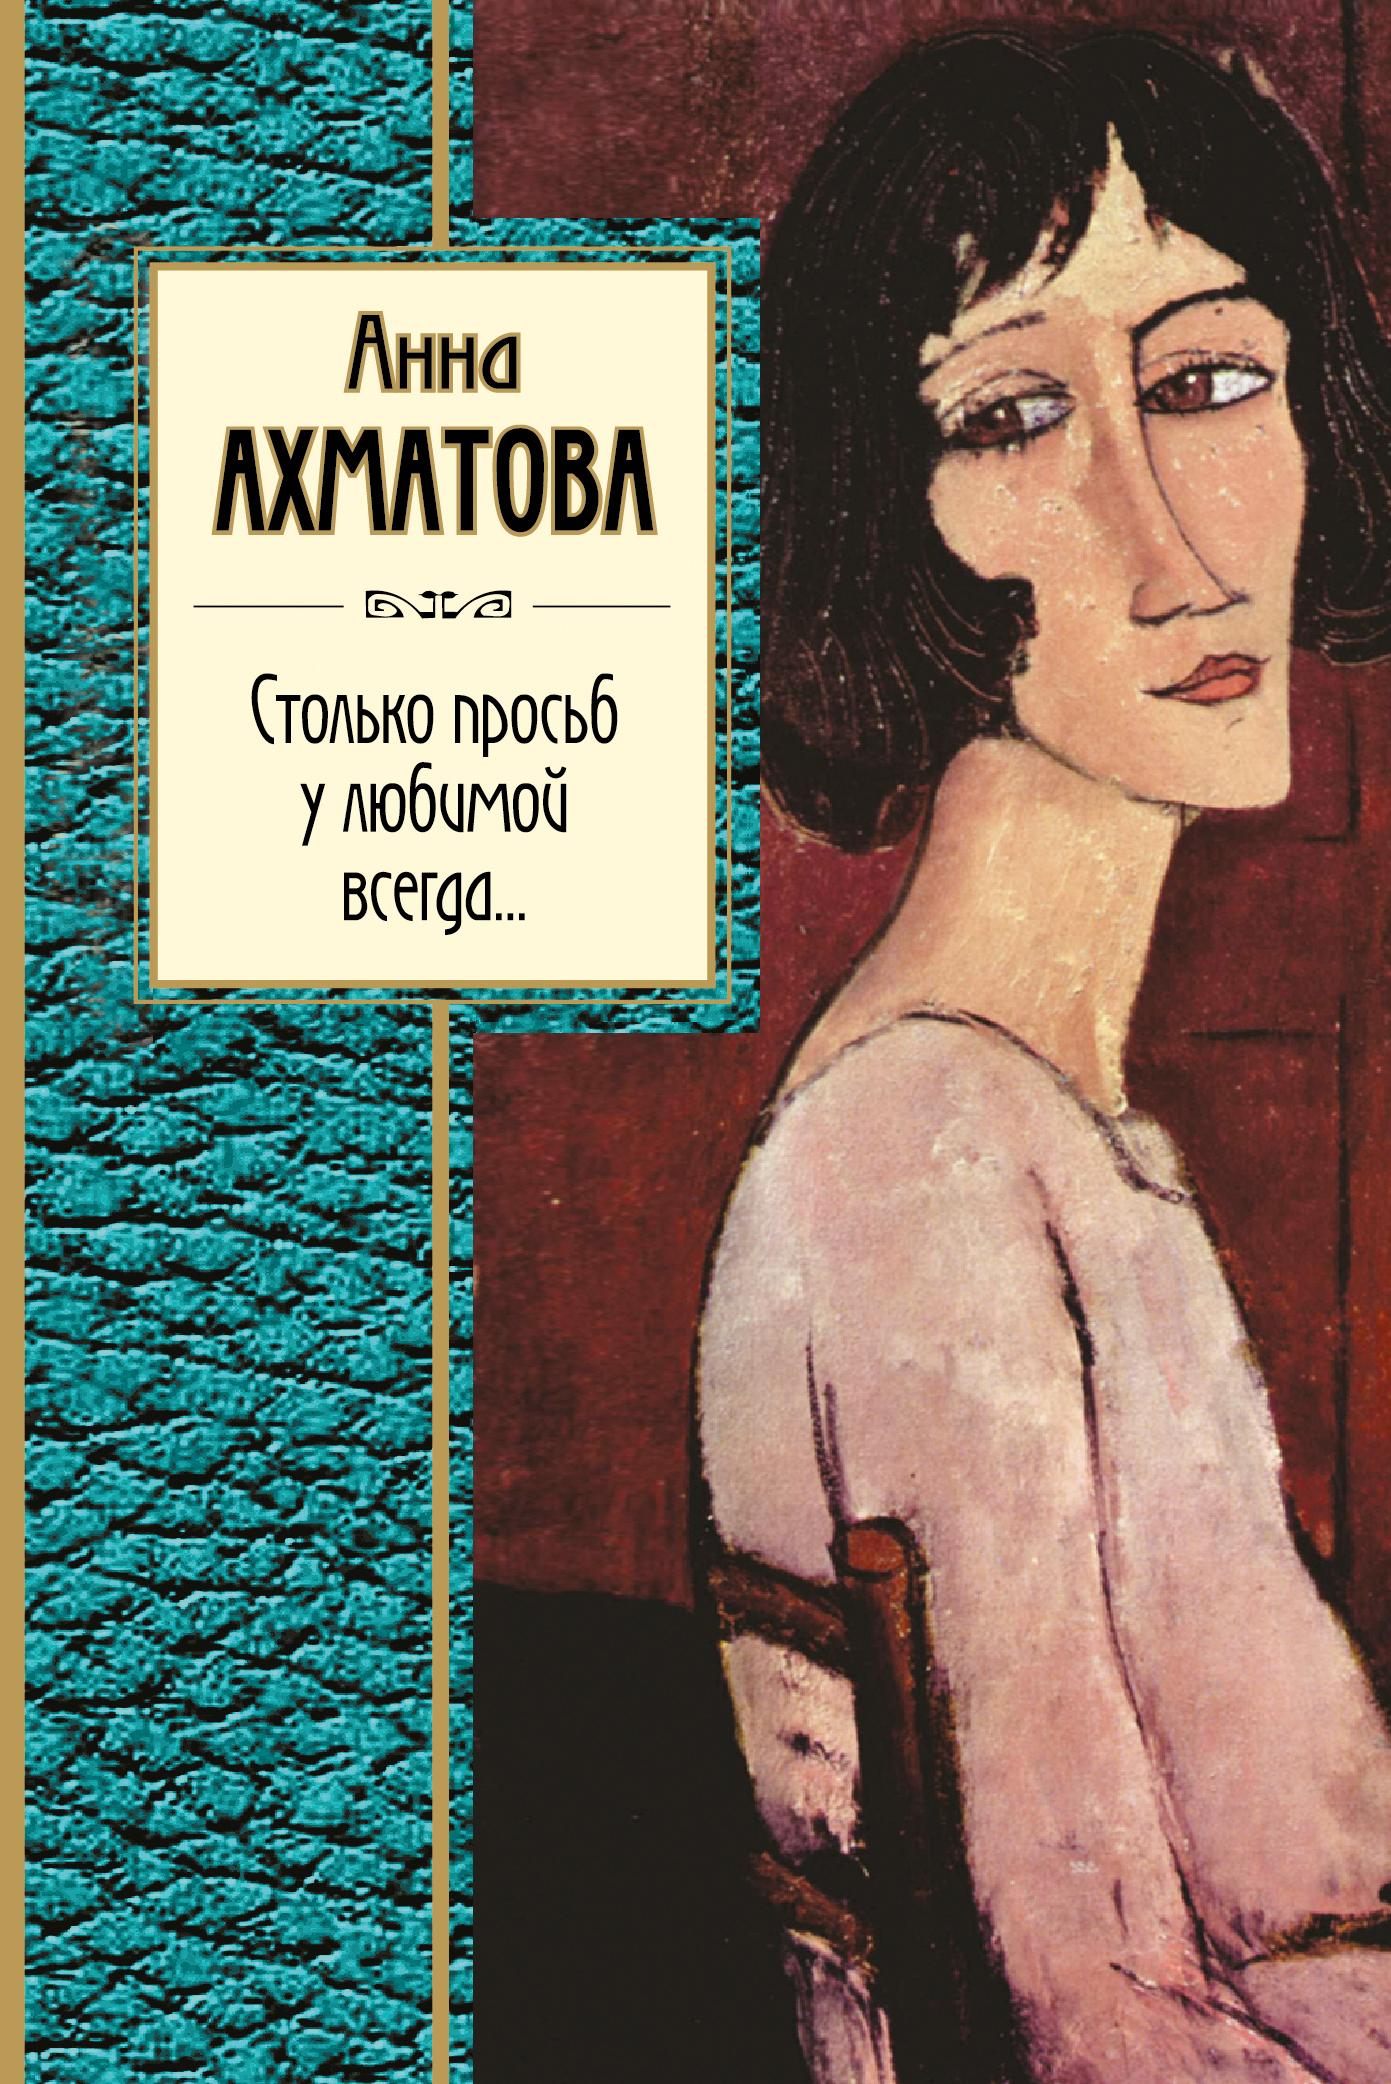 А. А. Ахматова Столько просьб у любимой всегда... в саду ахматова